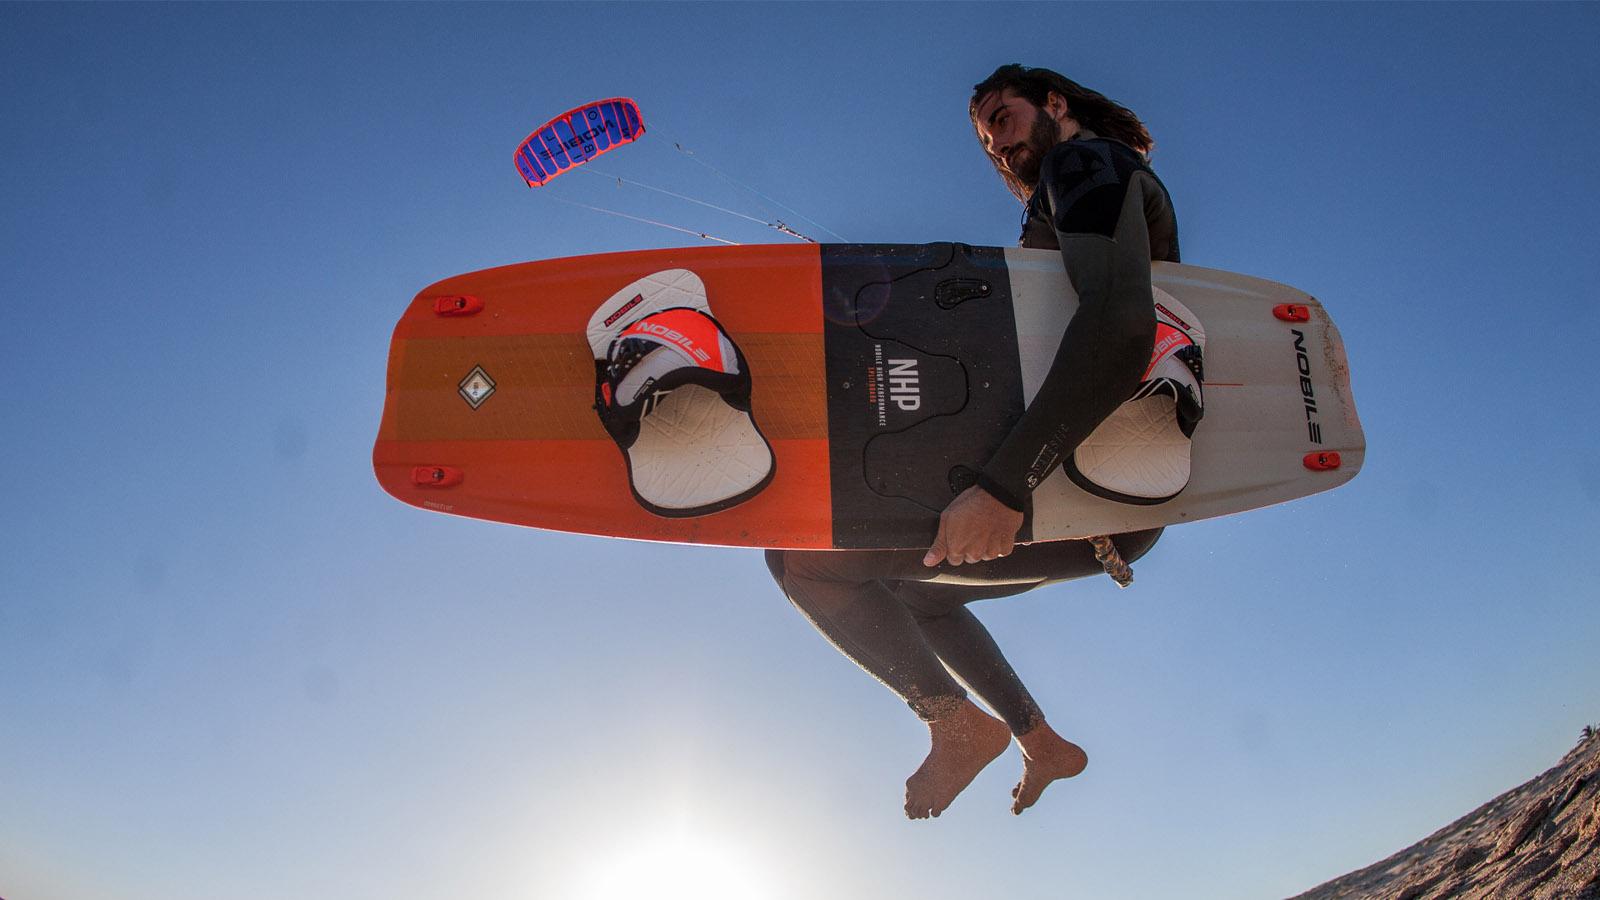 Nobile 2020 Kiteboards